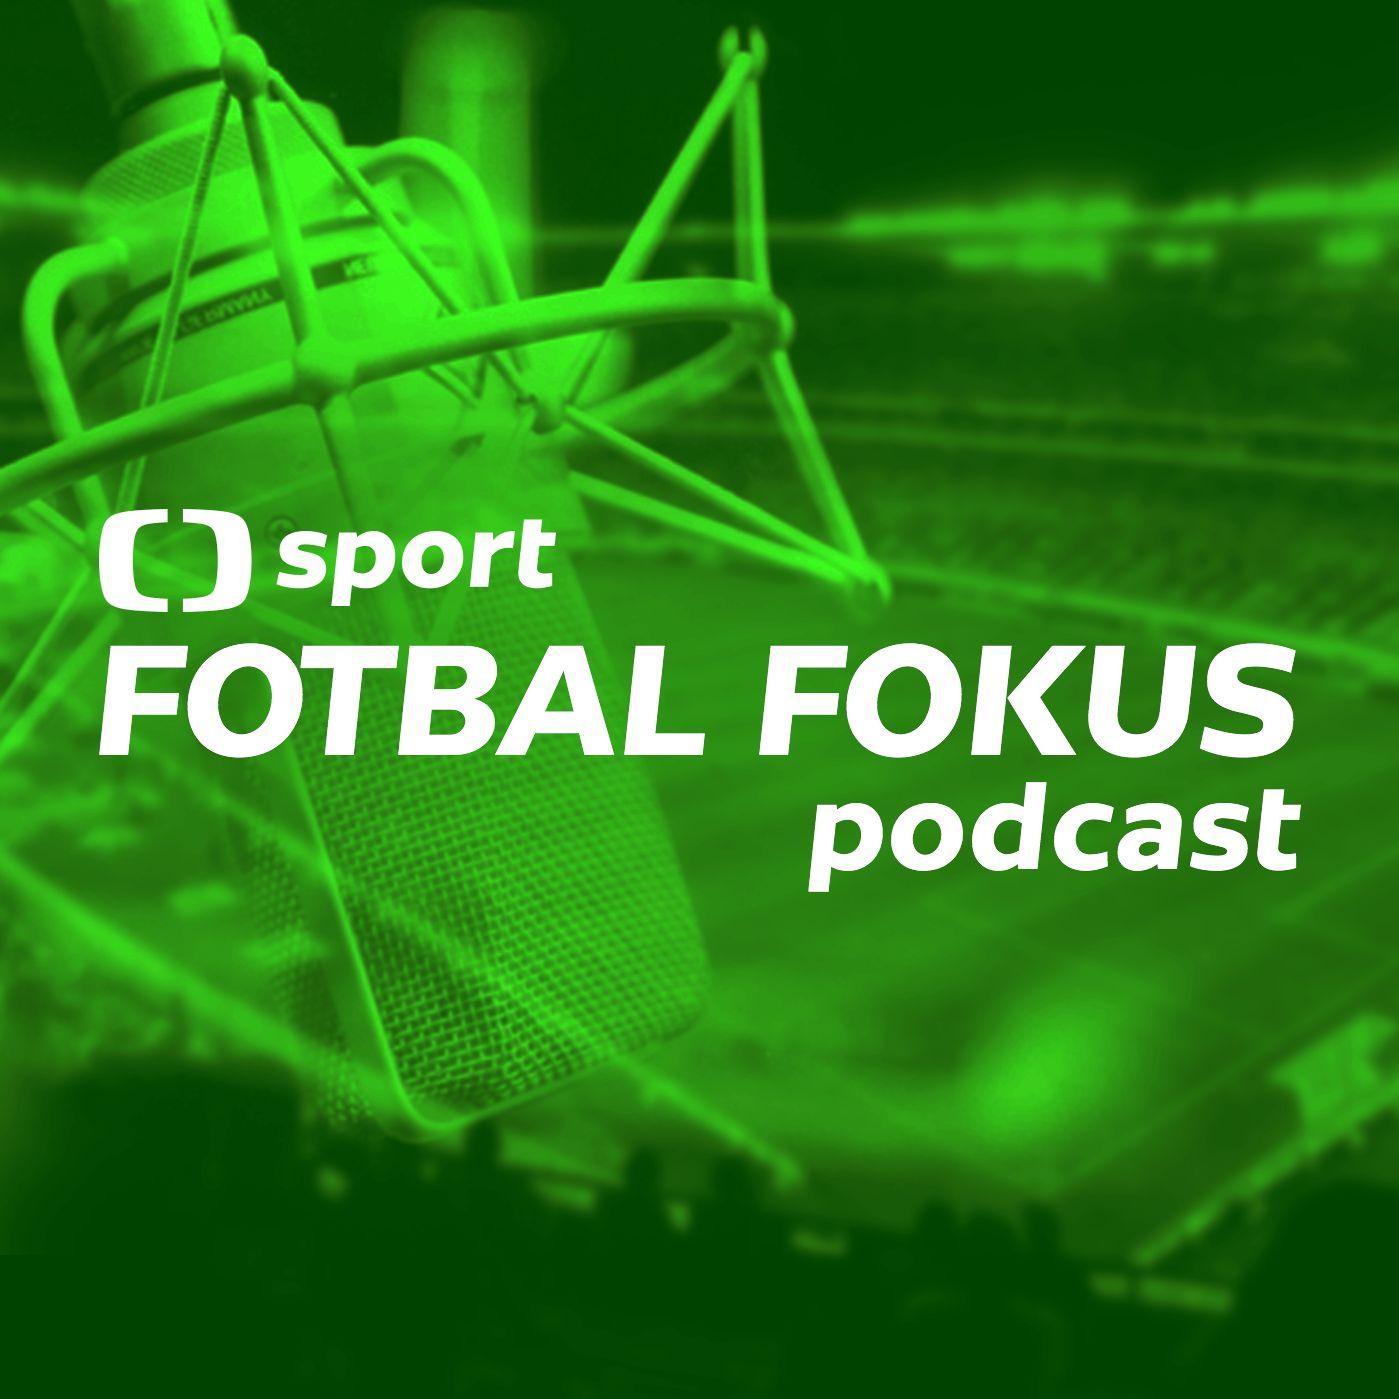 Fotbal fokus podcast: Slavia proti APOELu není na odpis. Co jí pomůže postoupit do LM?